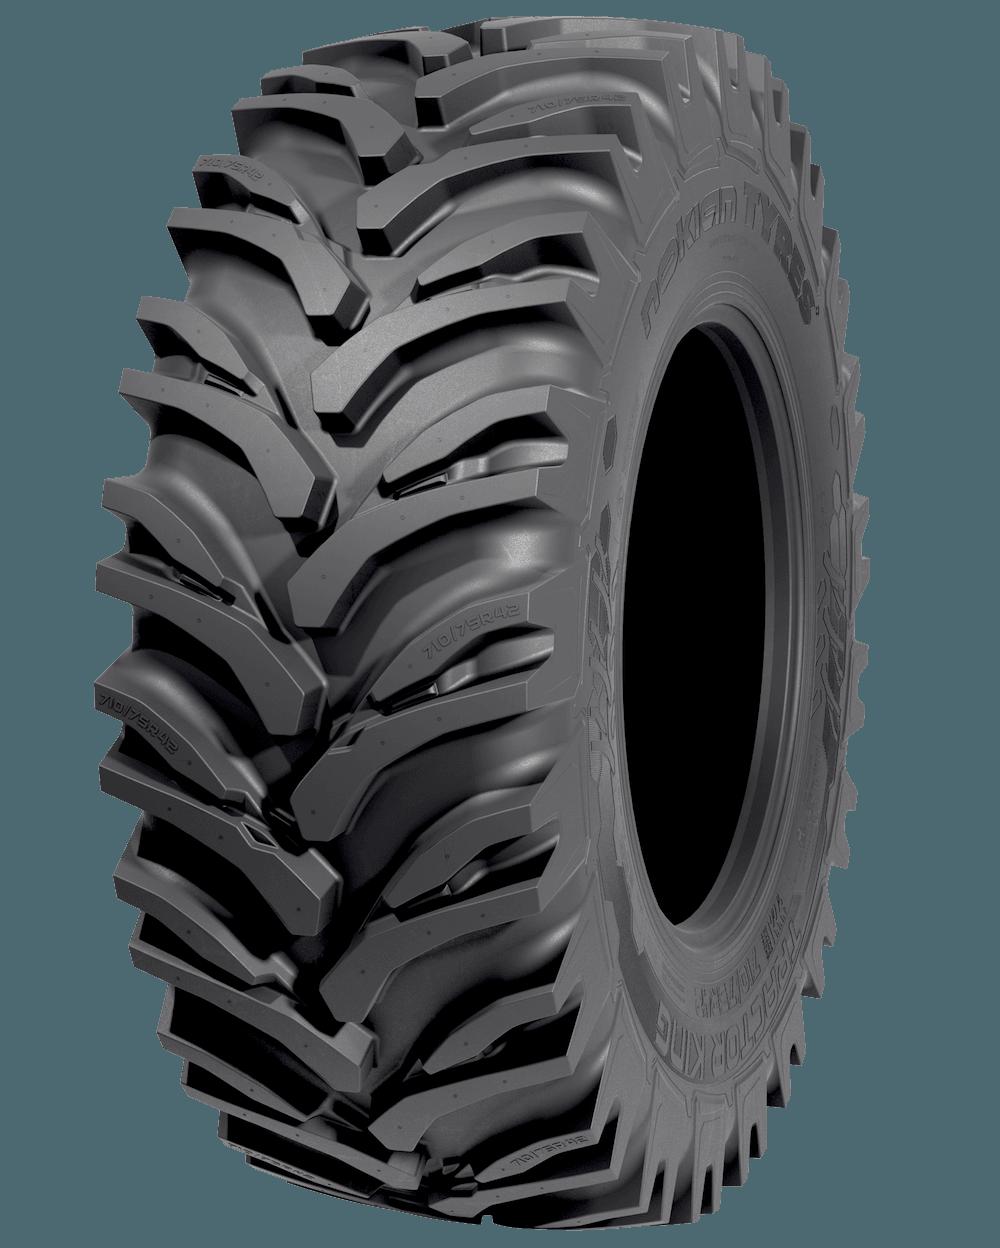 Nokian Tractor Tyres